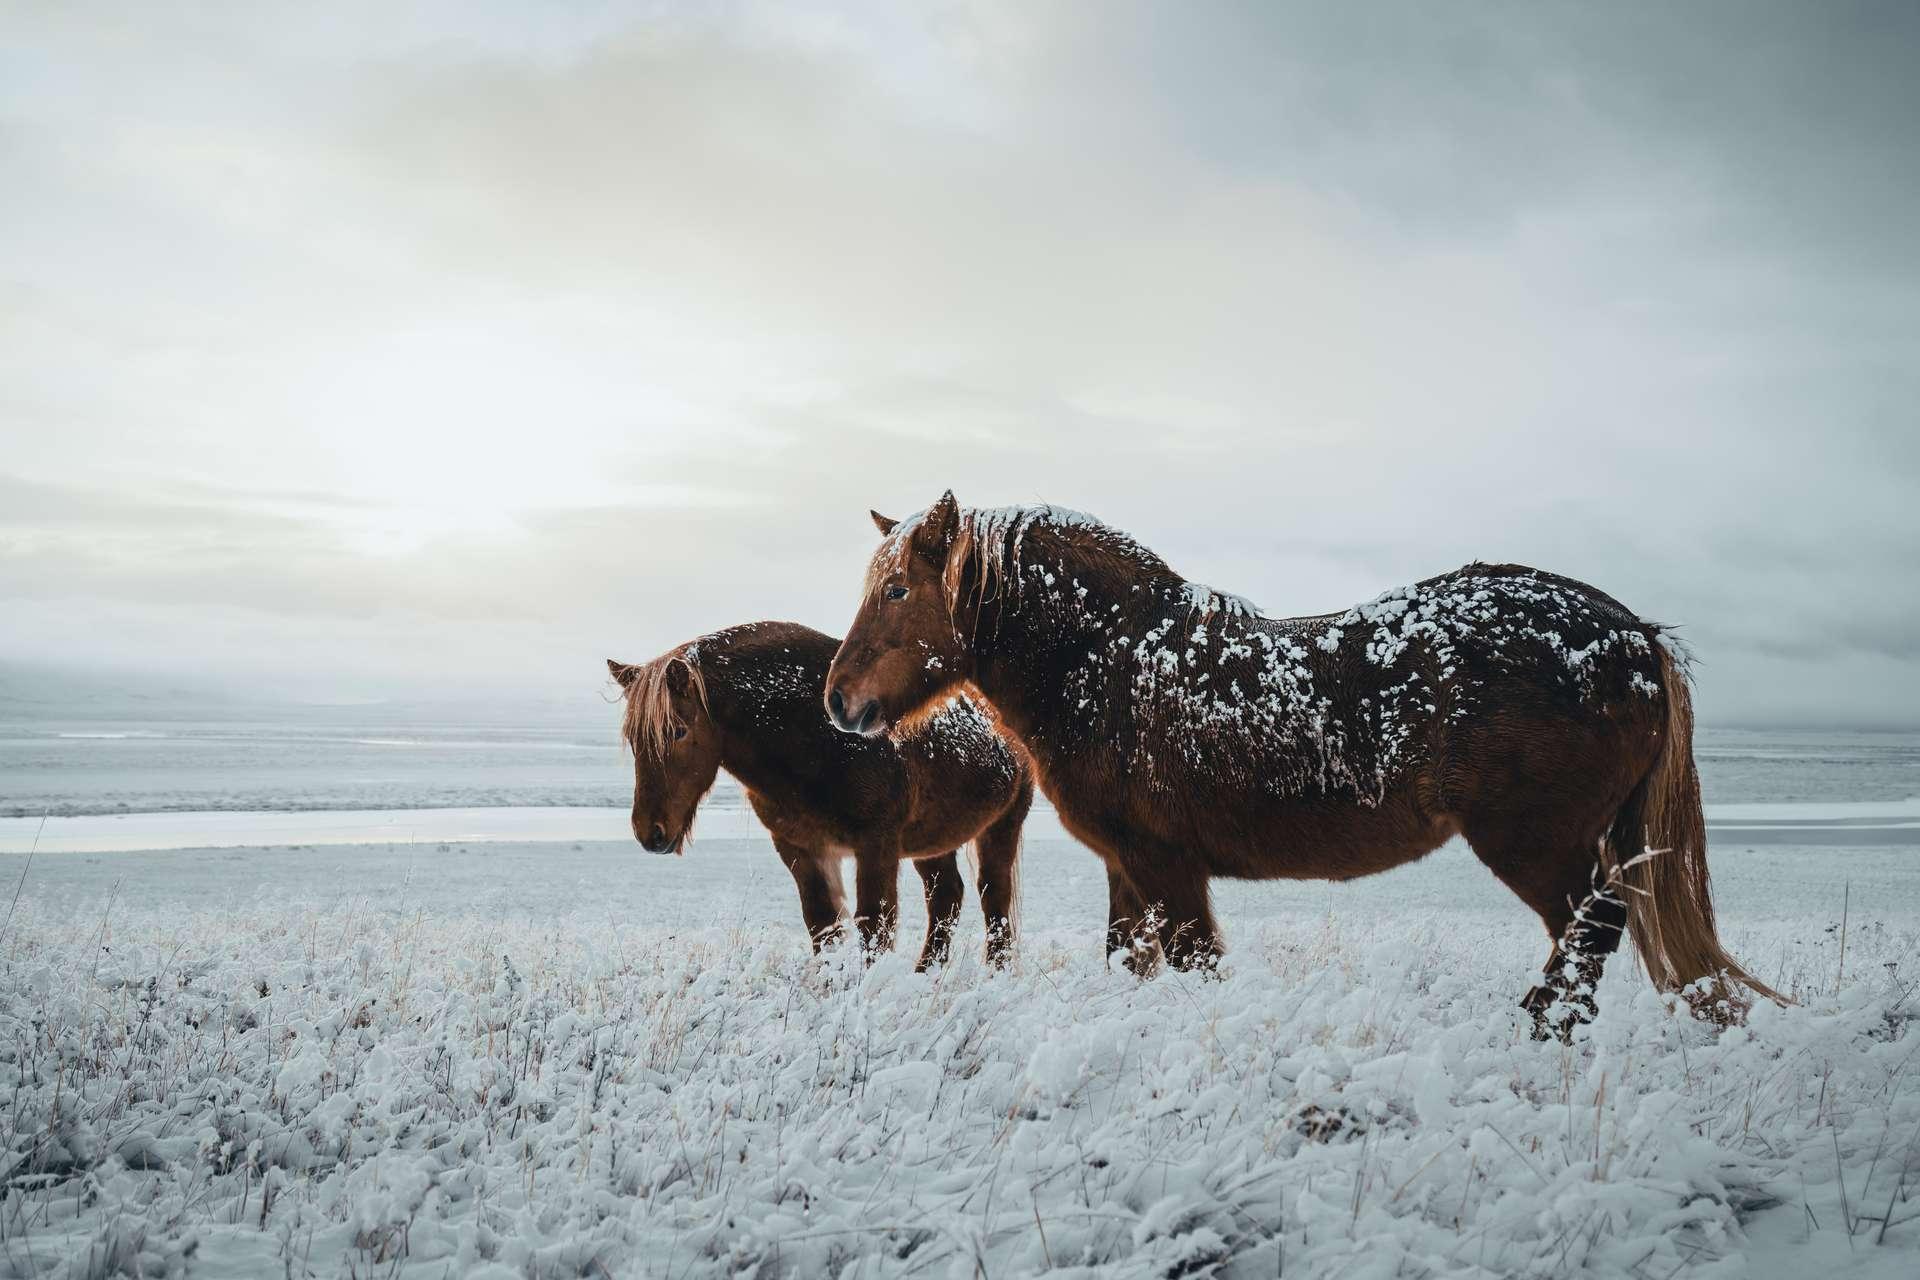 Les chevaux se sont adaptés à une multitude de climats. © Marek, Adobe Stock